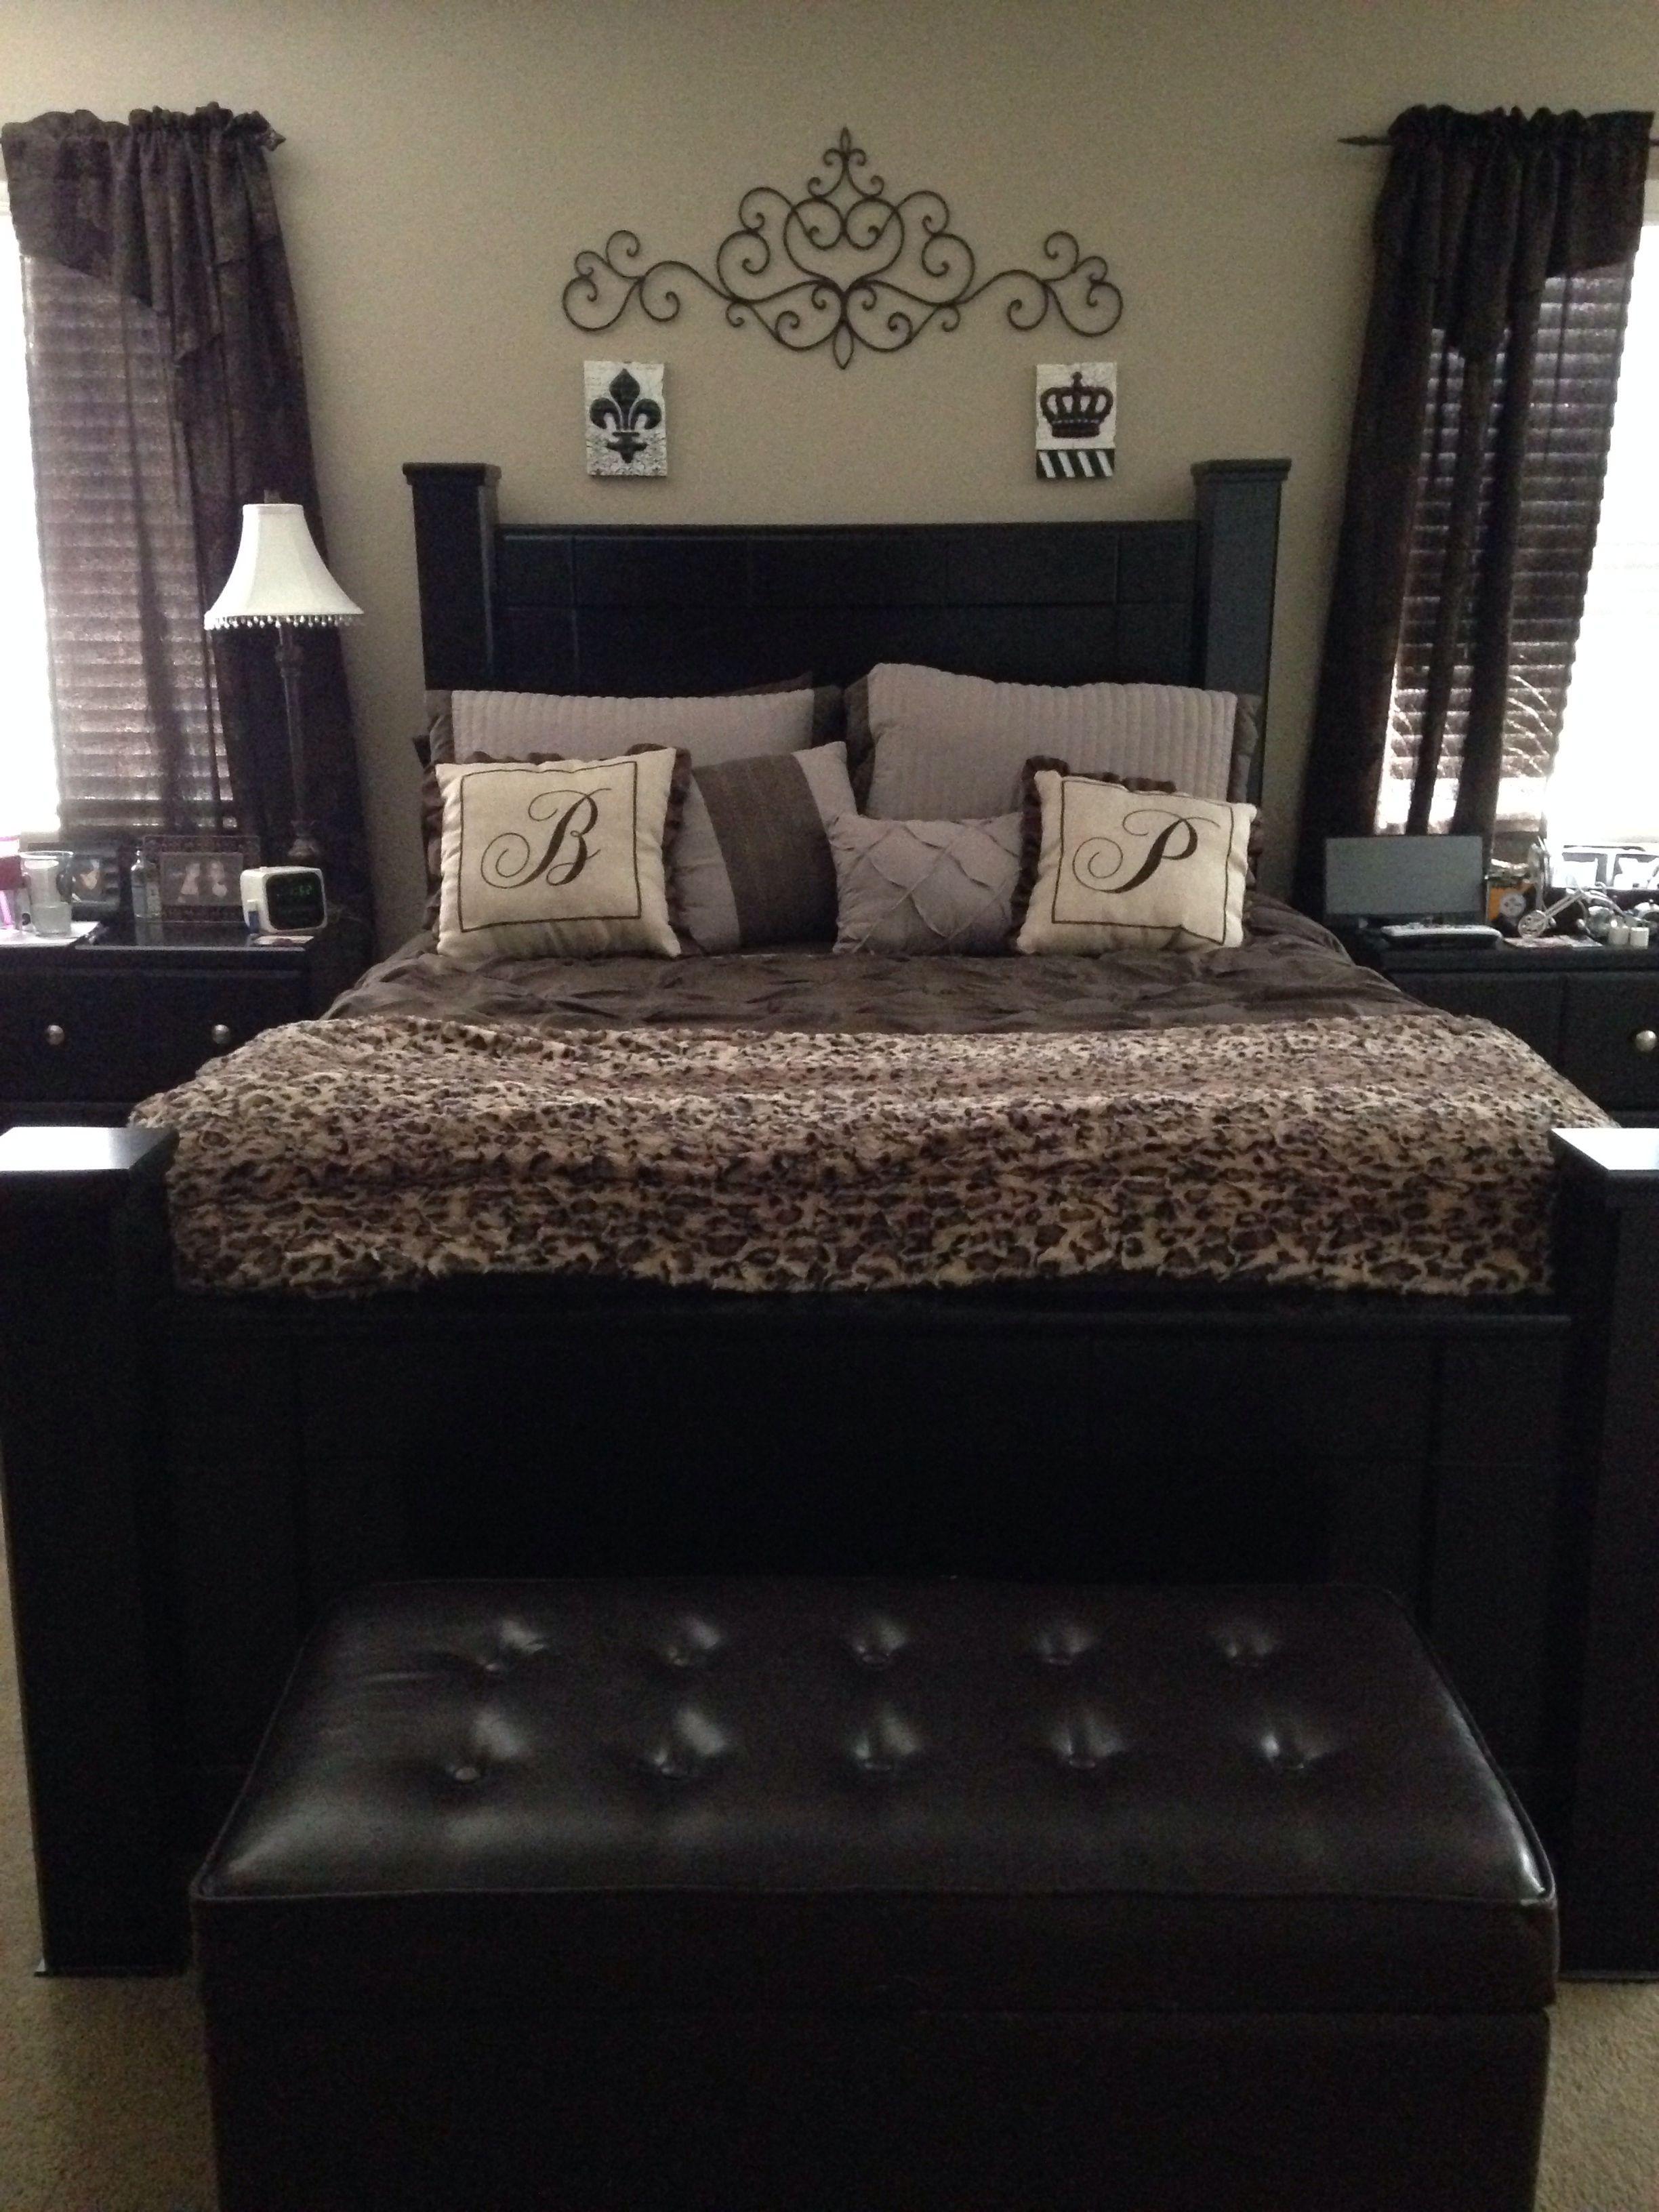 Bedroom Ideas Decoraciones De Dormitorio Decoracion De Cuartos Matrimoniales Dormitorios